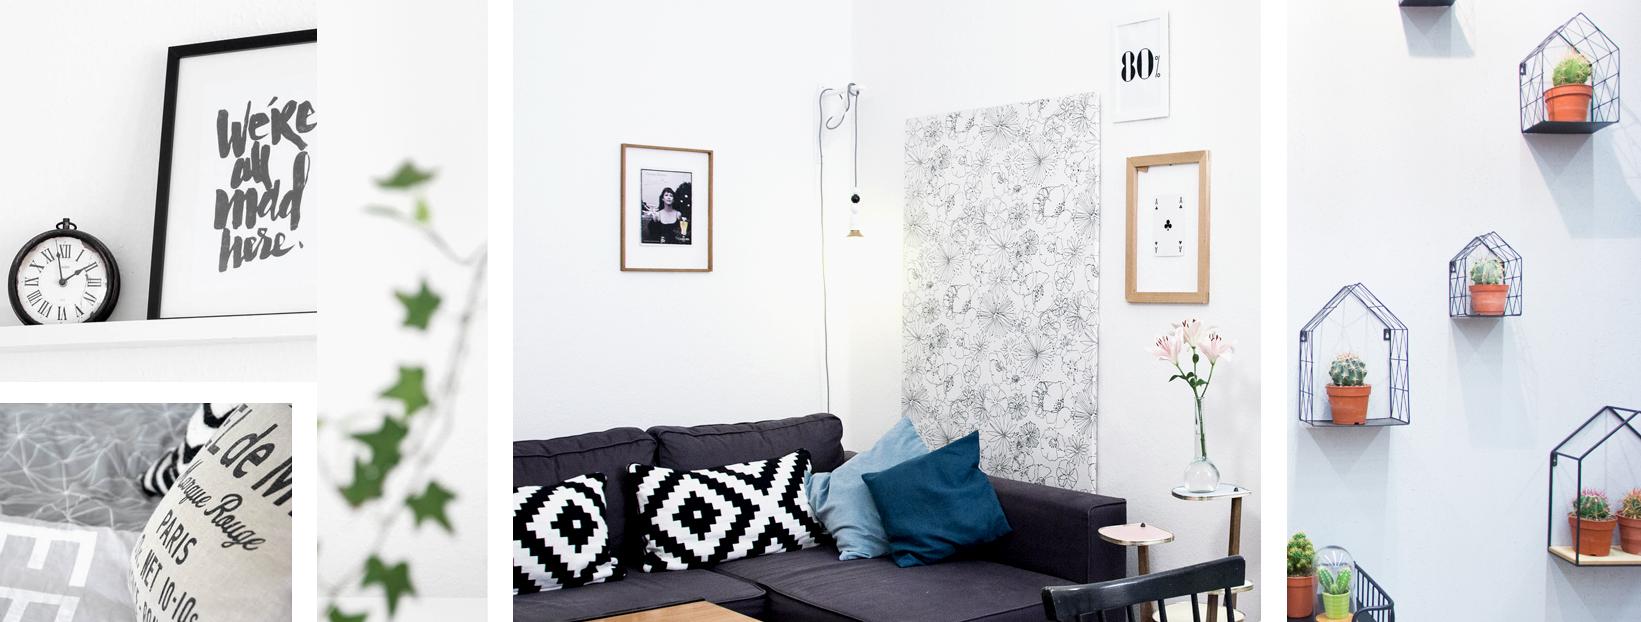 drei Ausschnitte aus einer Wohnung mit Sofa und Bildern an den weißen Wänden